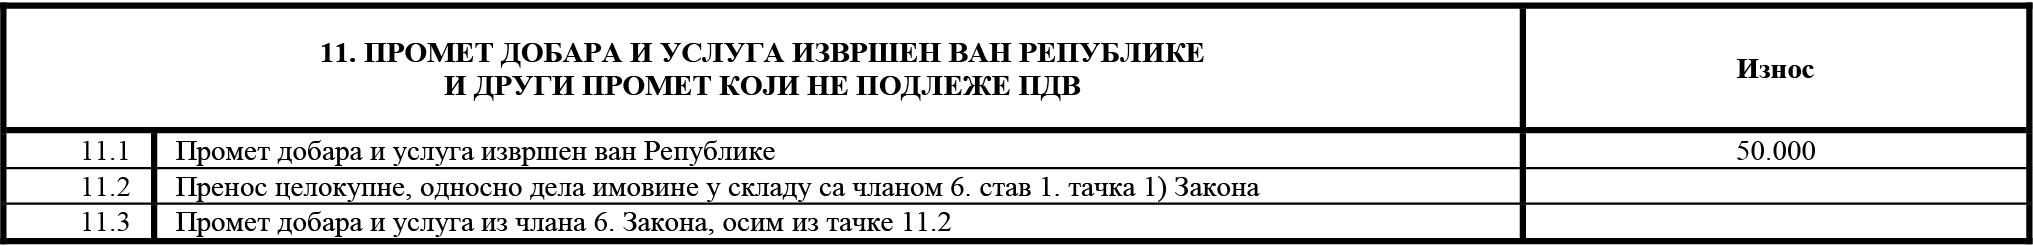 uputstvo PU obrazac POPDV primer 133